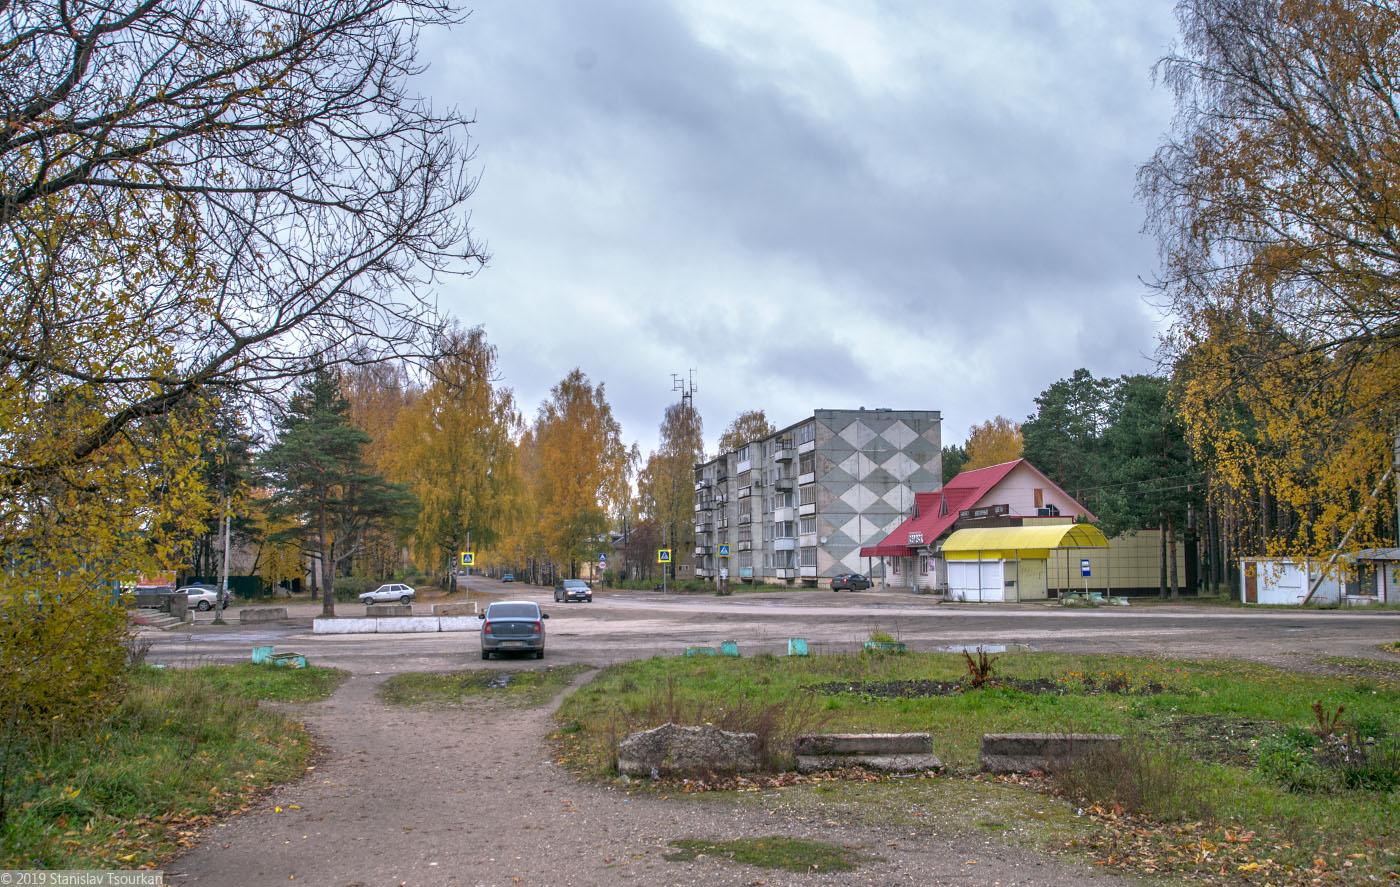 Весьегонск, Тверская область, ж/д, железная дорога, станция Весьегонск, выход в город